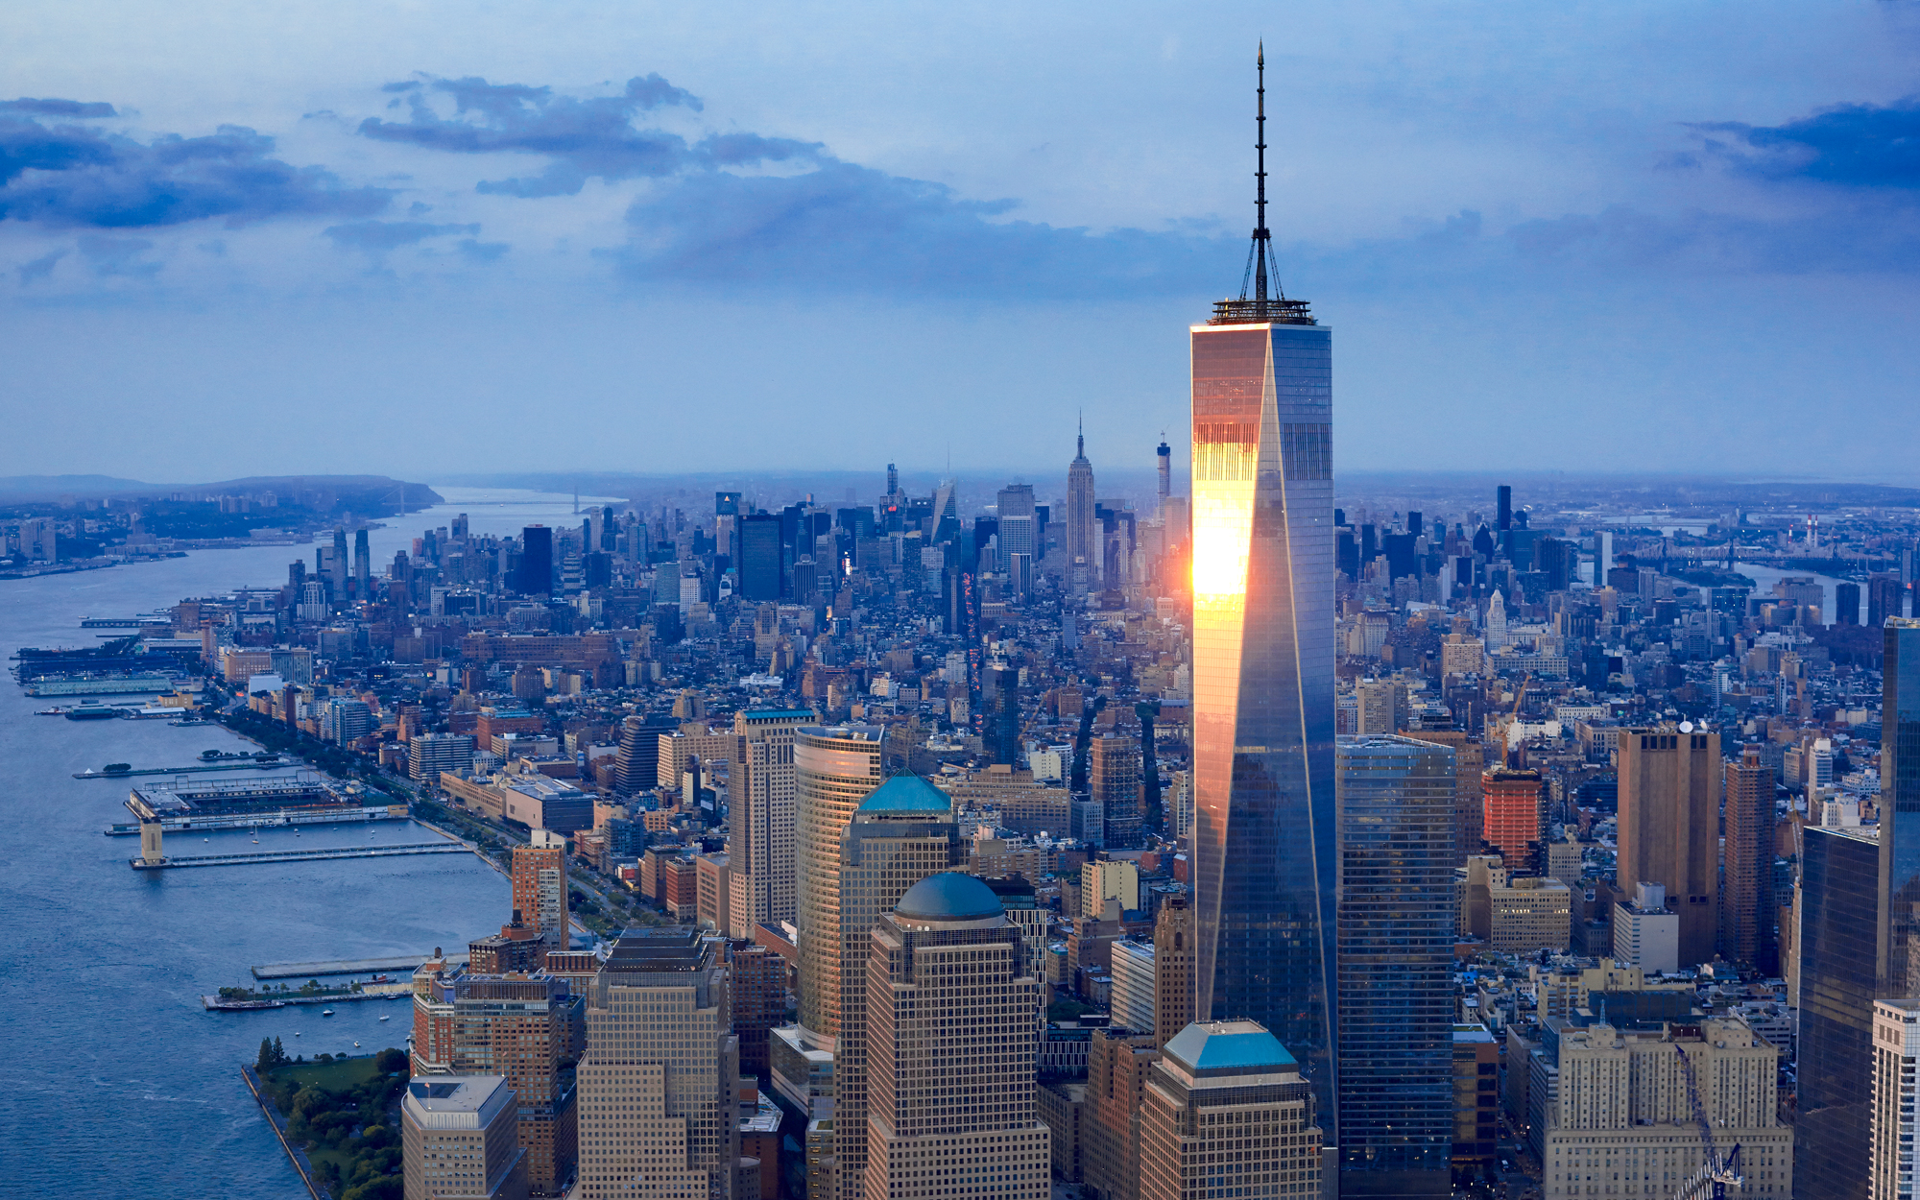 15. Всемирный торговый центр 1 (Нью-Йорк, США) - 541 метр.